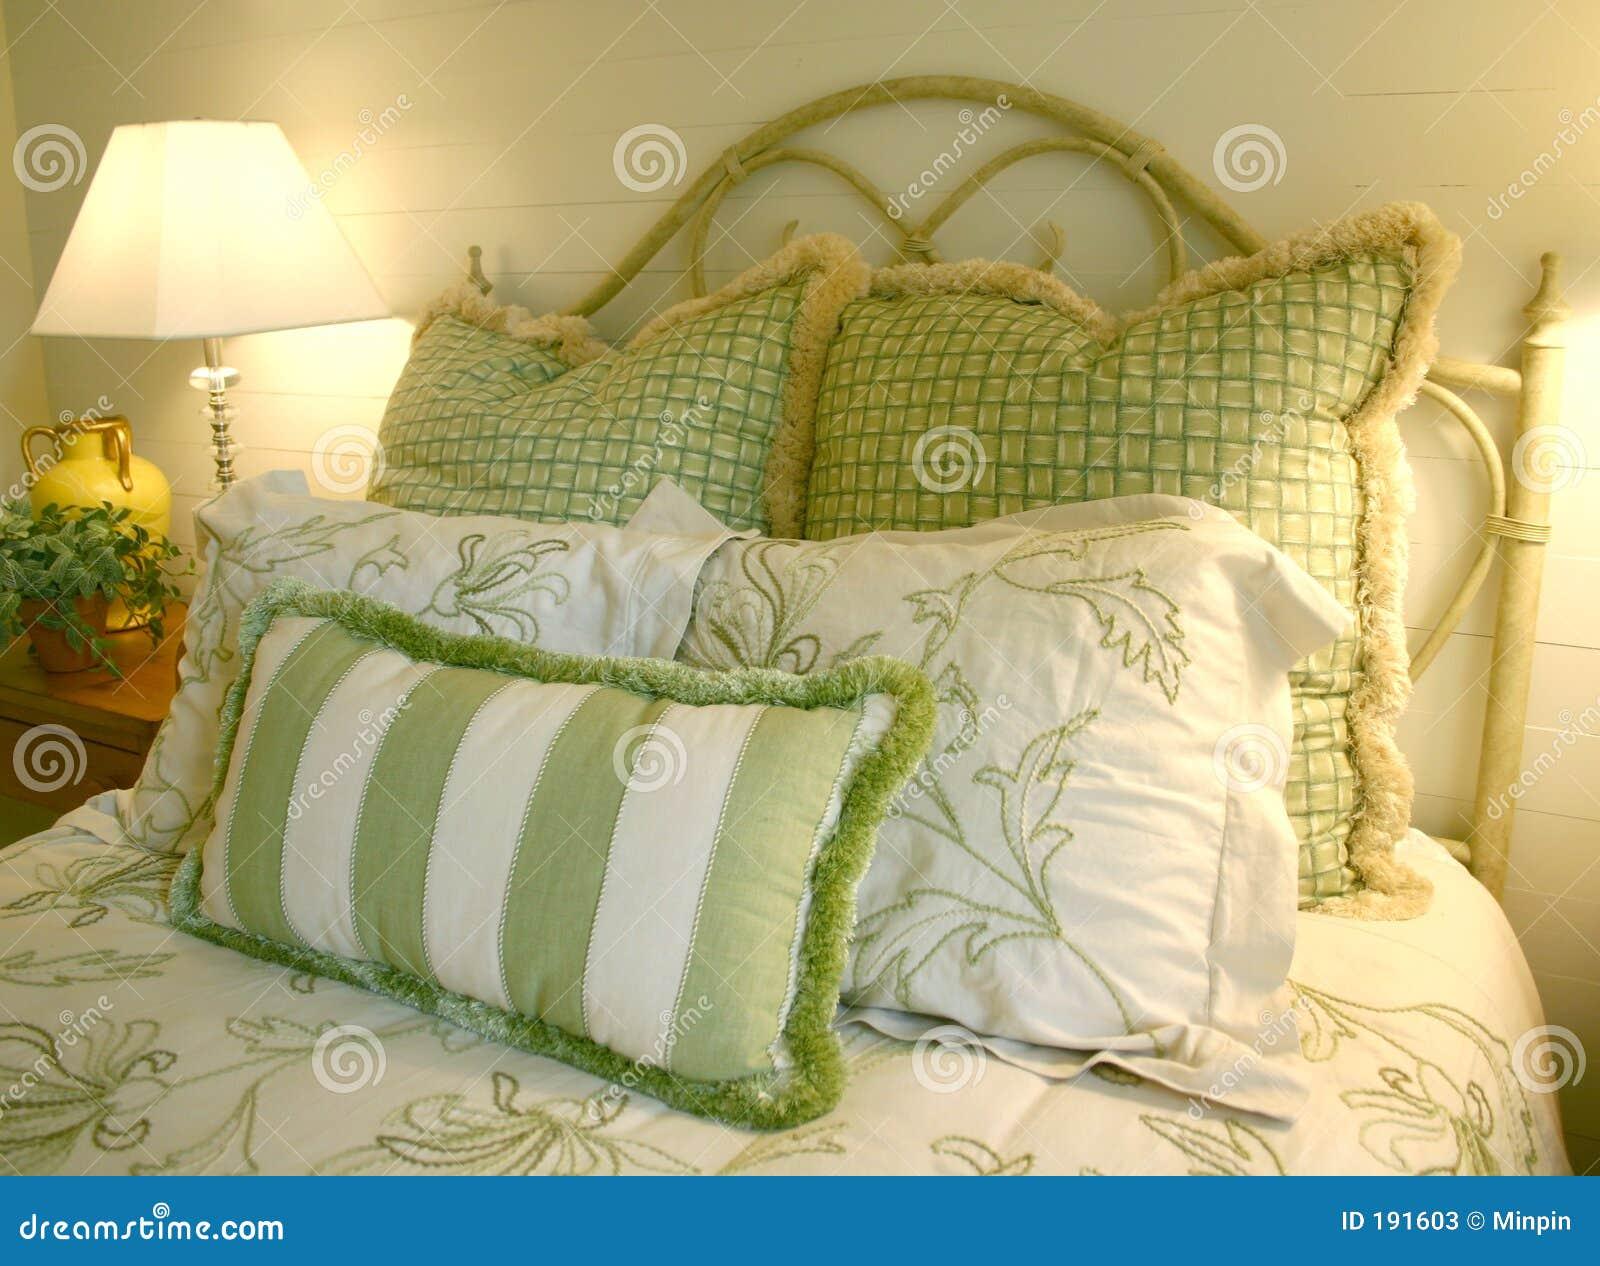 Slaapkamer Groen Wit : Slaapkamer in groen en wit stock afbeelding afbeelding bestaande